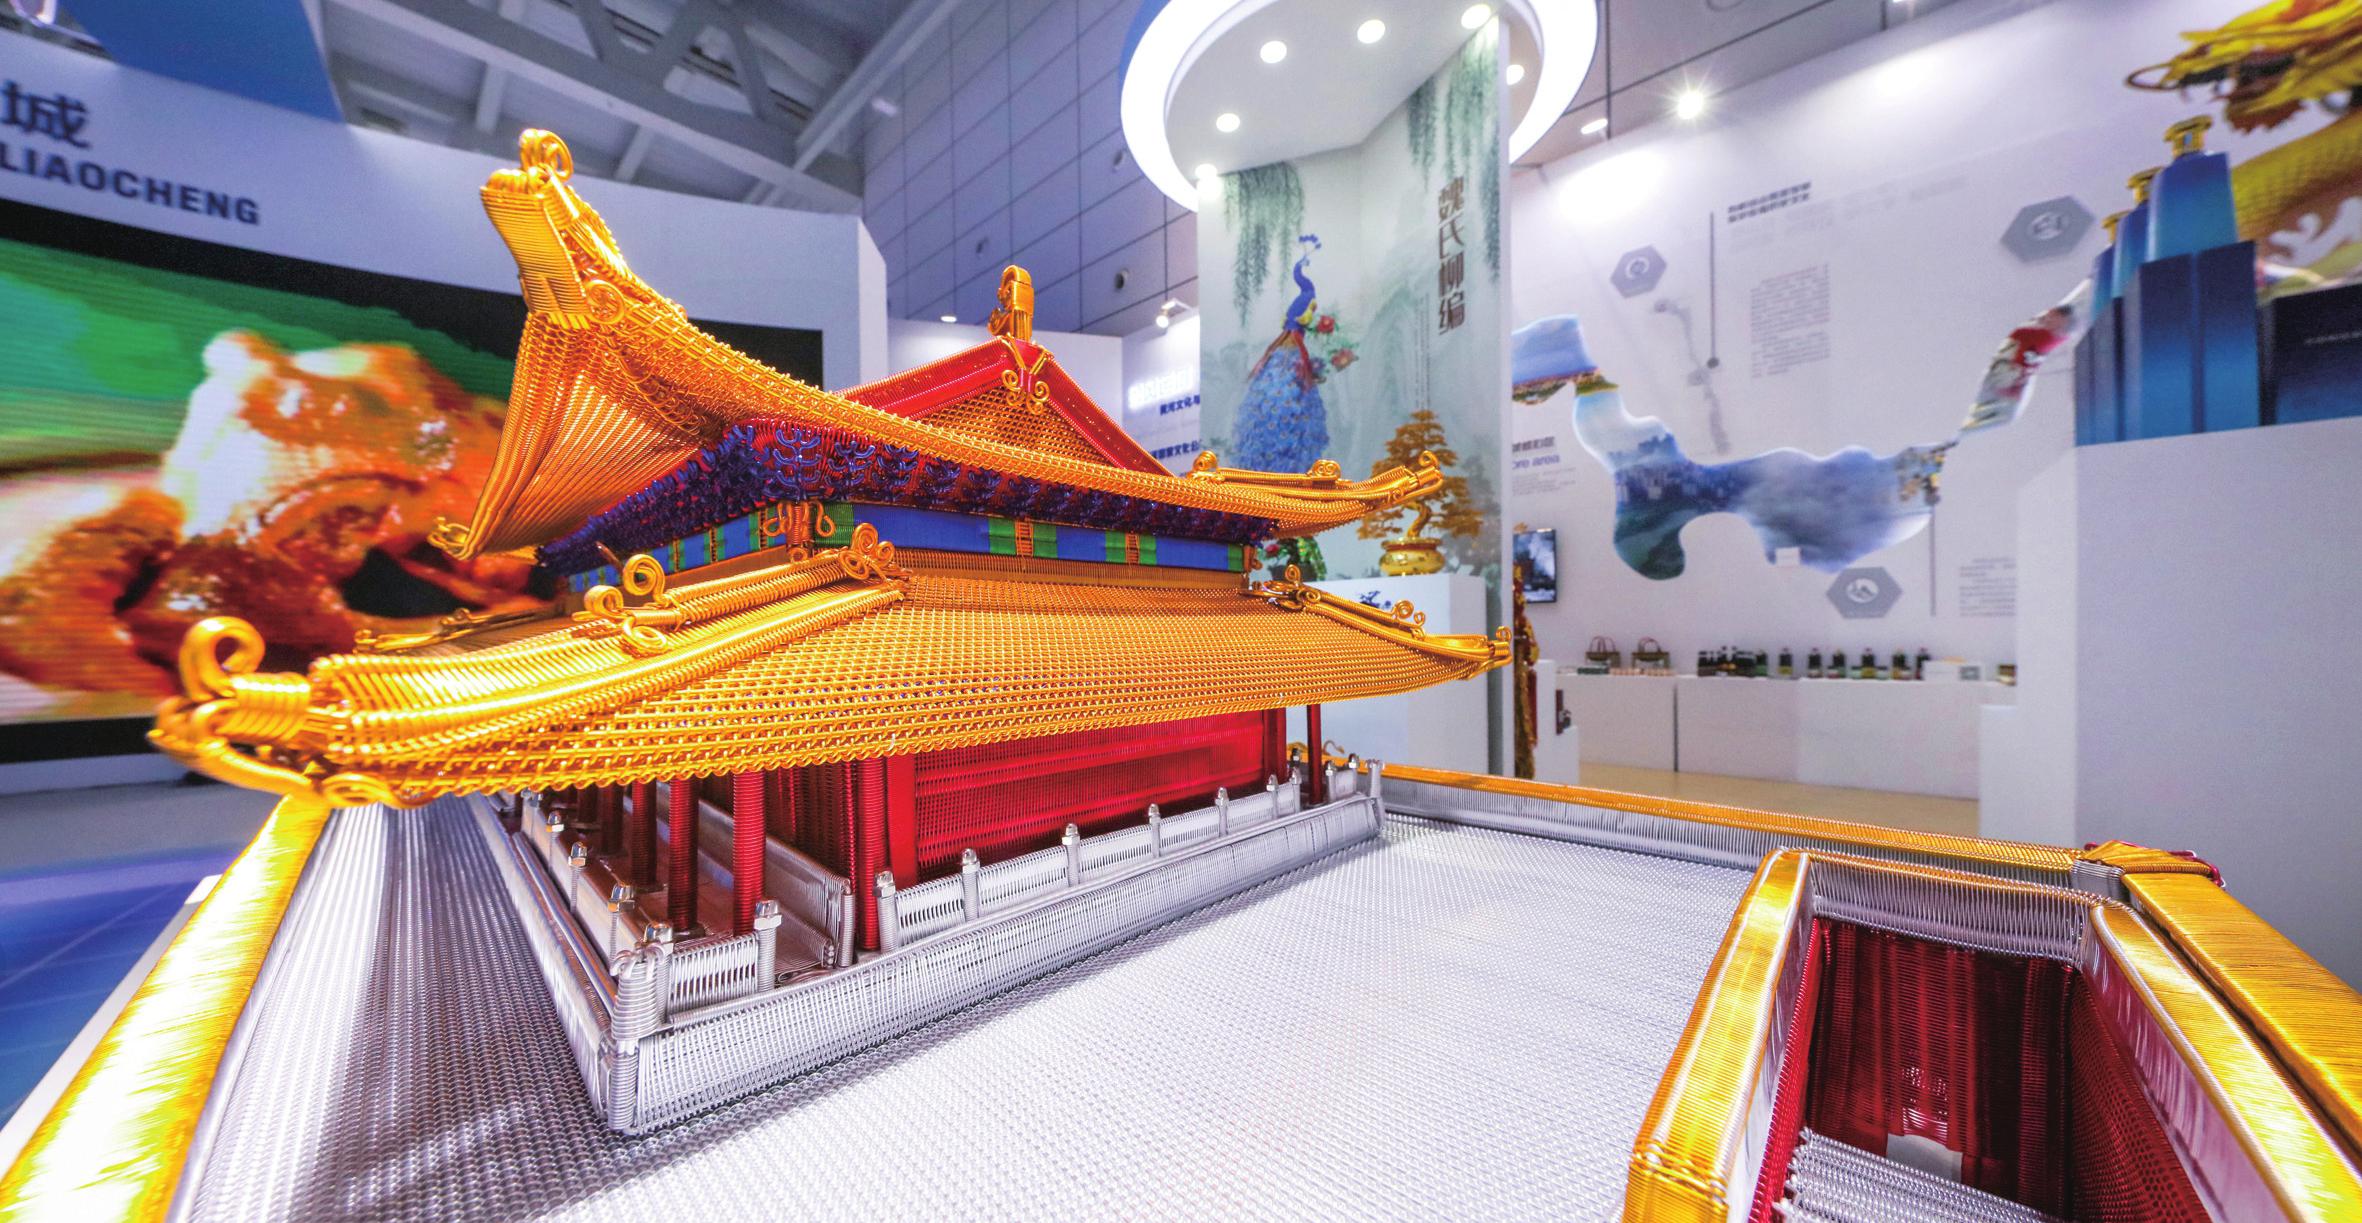 """第二届中国国际文化旅游博览会圆满结束 """"聊城手造"""" 令人惊叹的指尖艺术"""